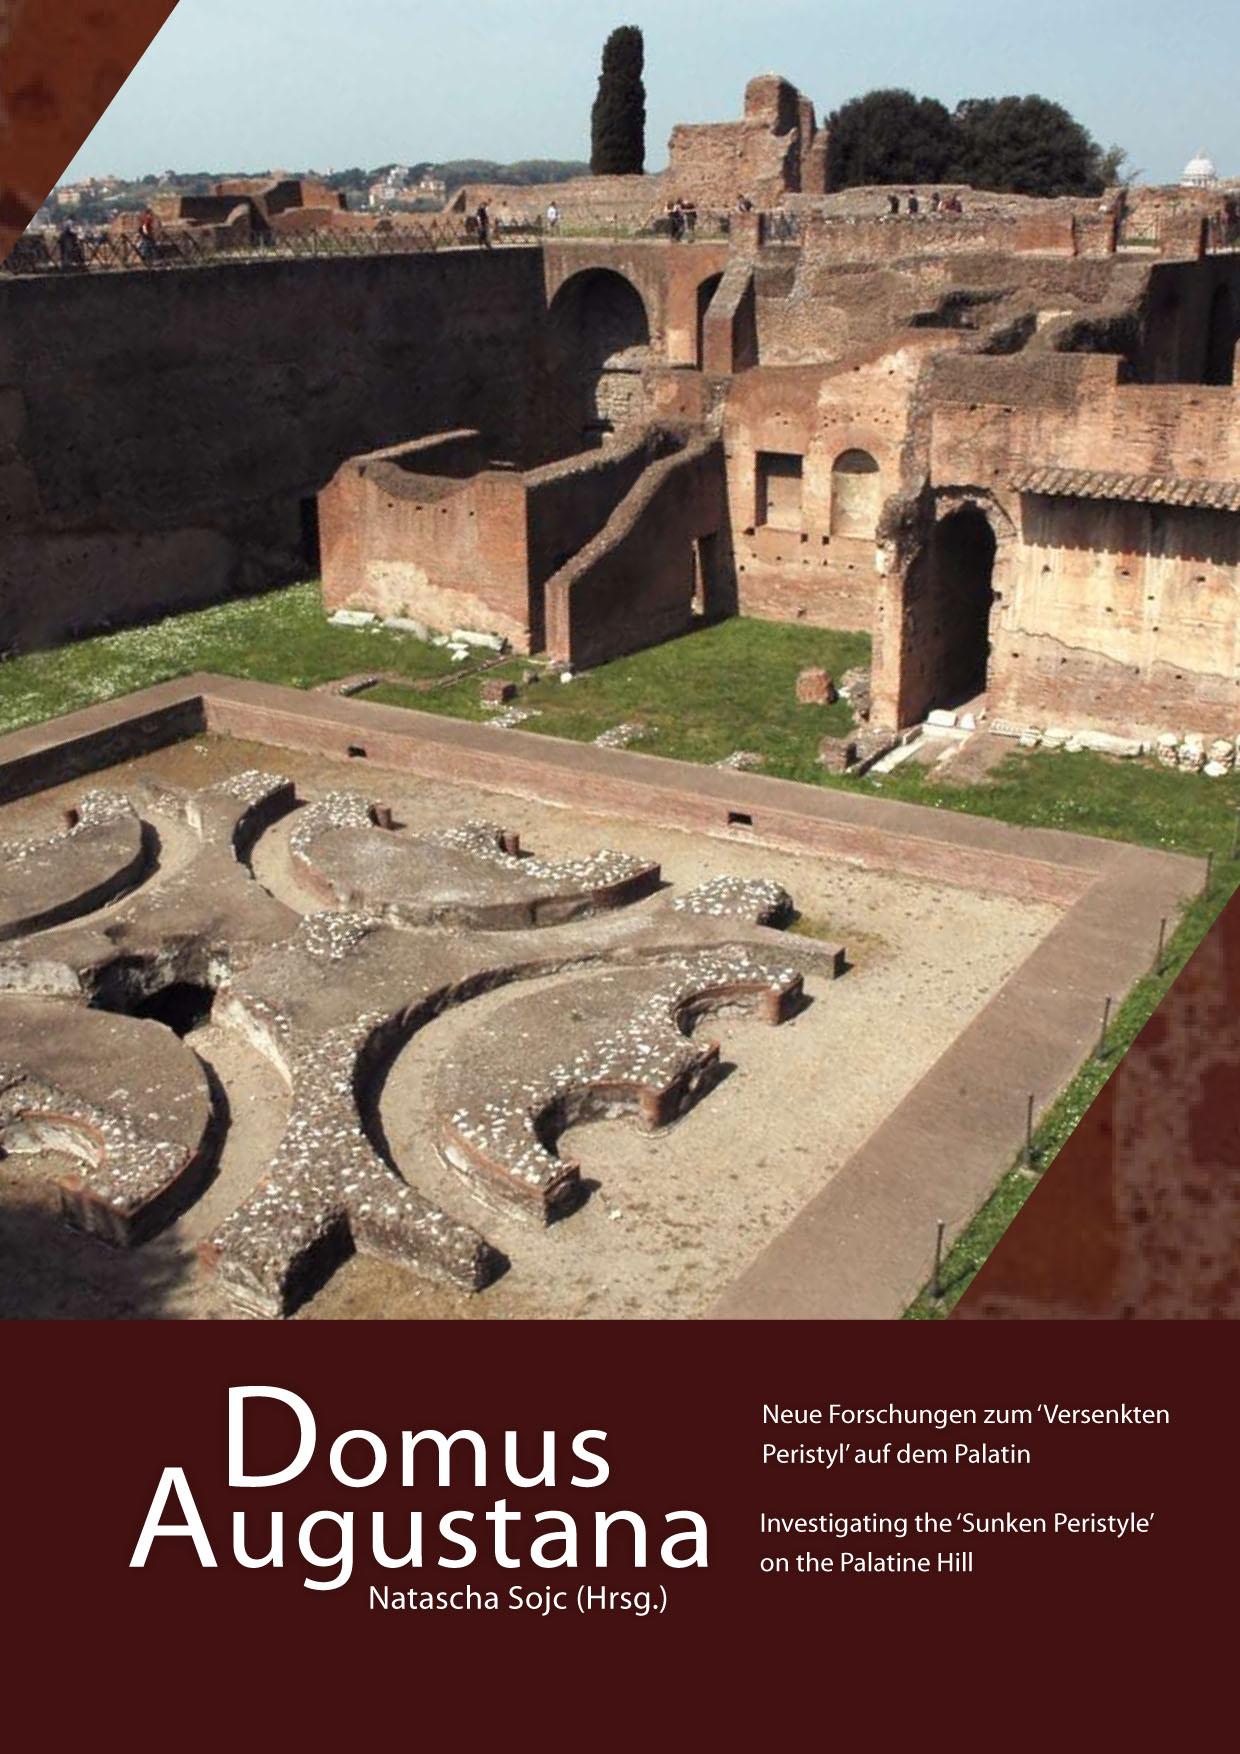 Domus augustana for Domus address